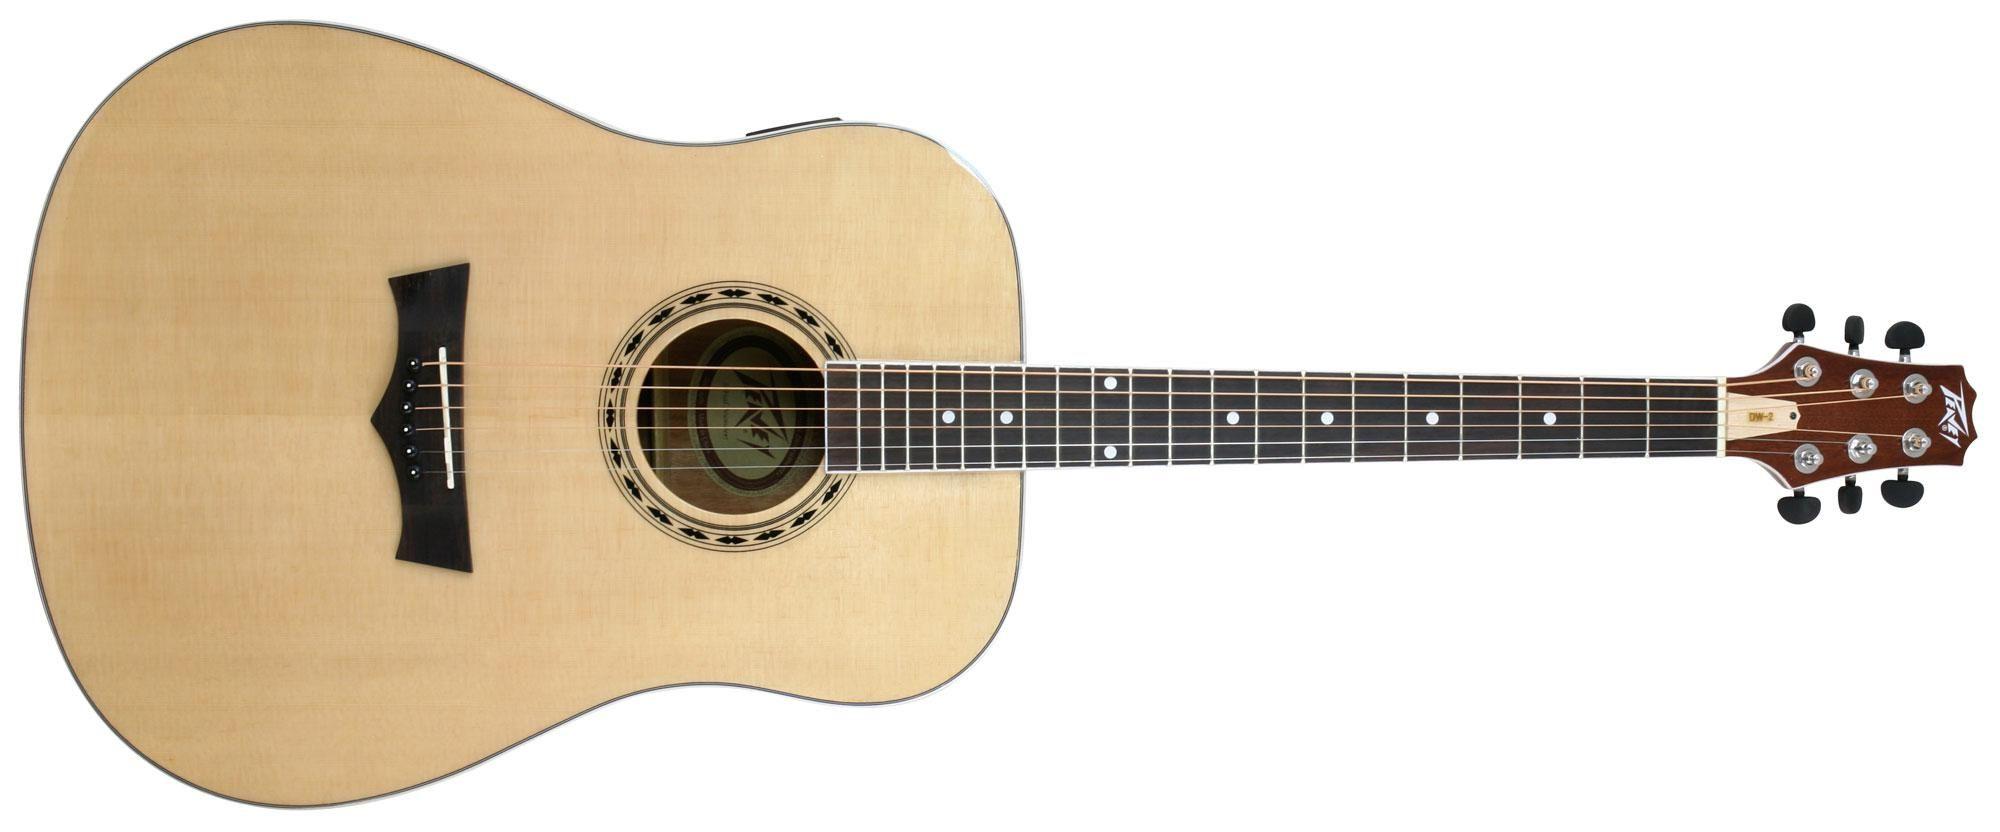 Peavey Unveils Delta Woods Series Acoustic Guitars